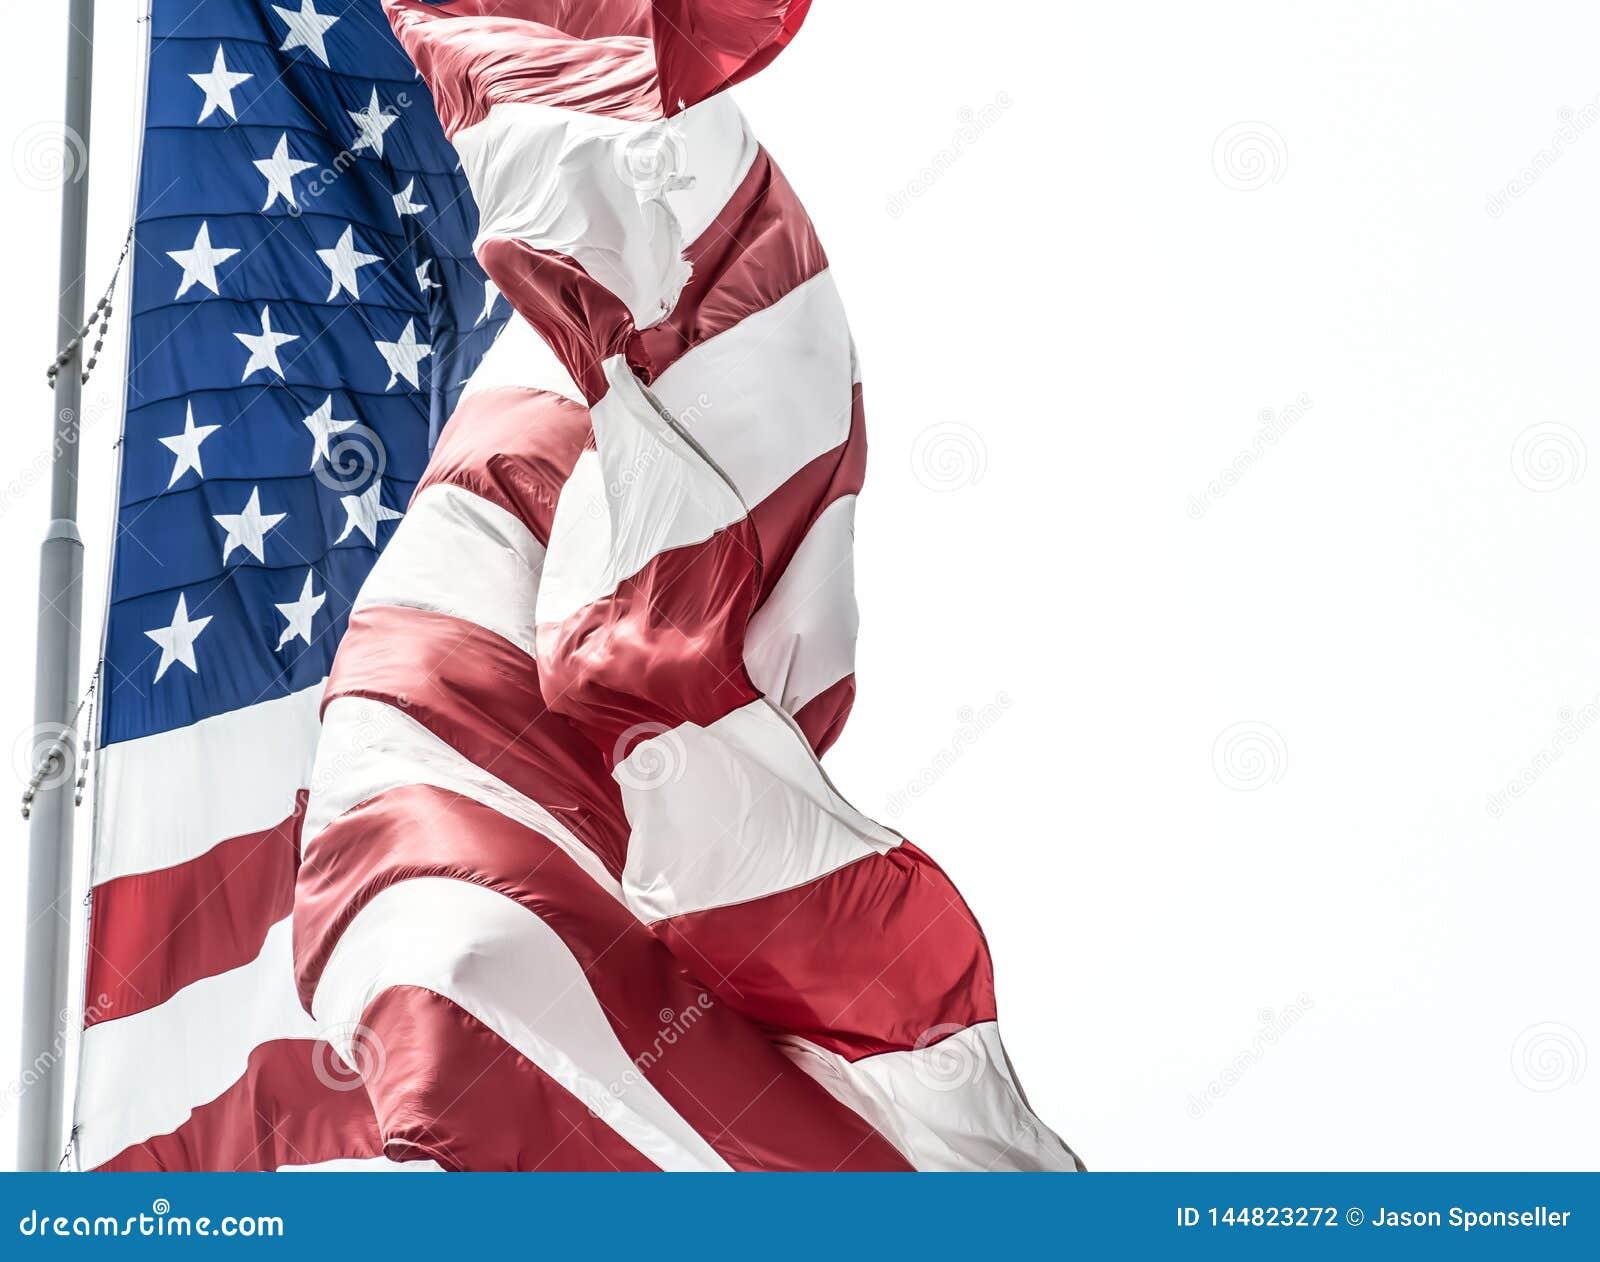 Democracia de representação branca e azul vermelha